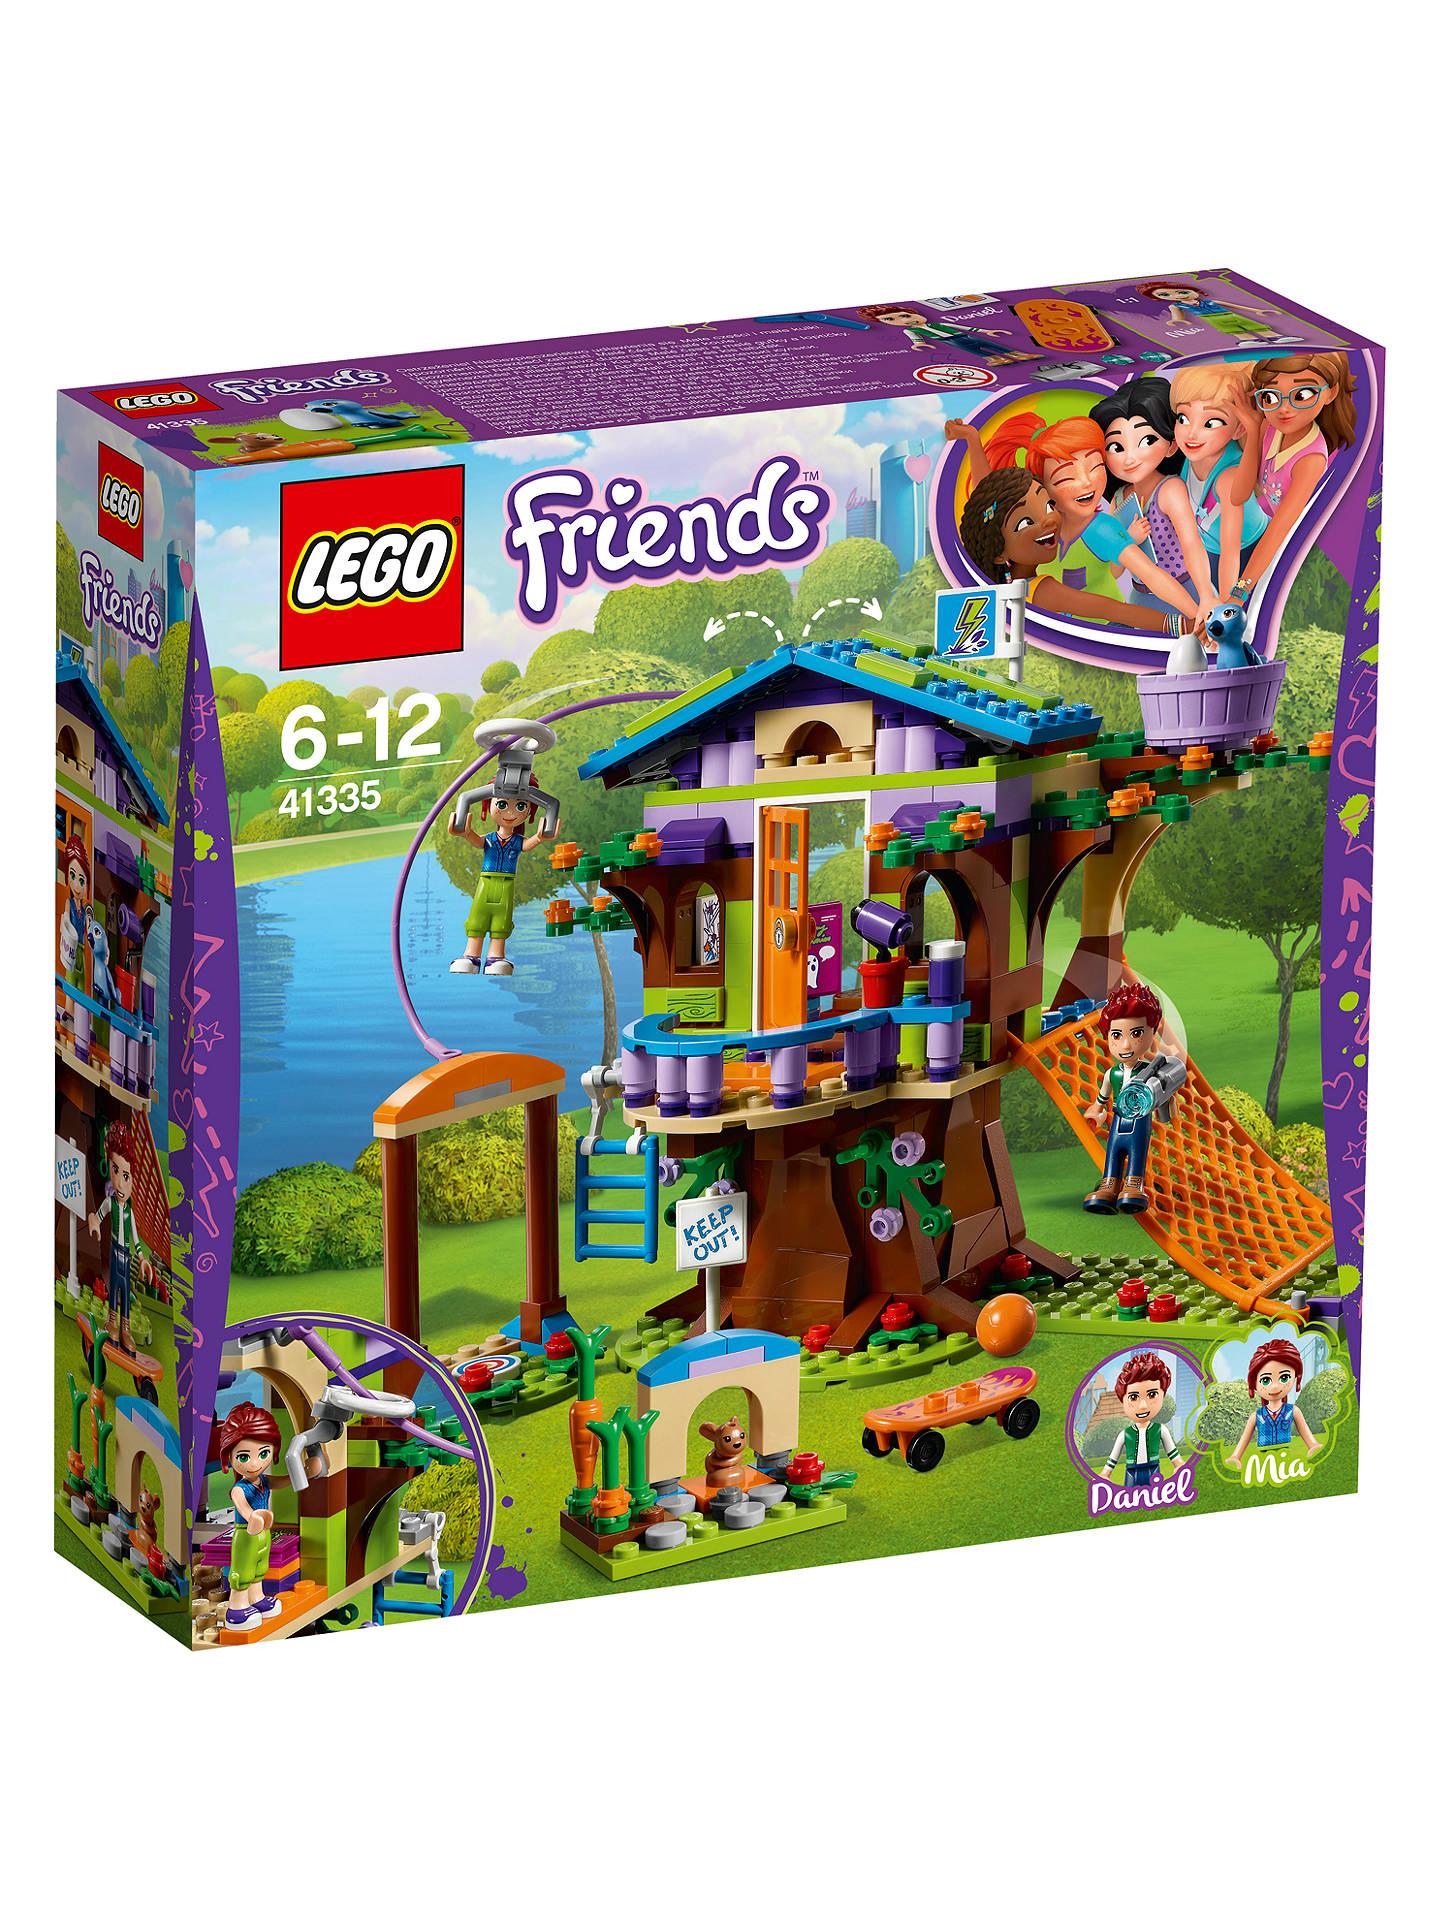 LEGO Friends 41335 Heartlake Mia's Tree House at John ...